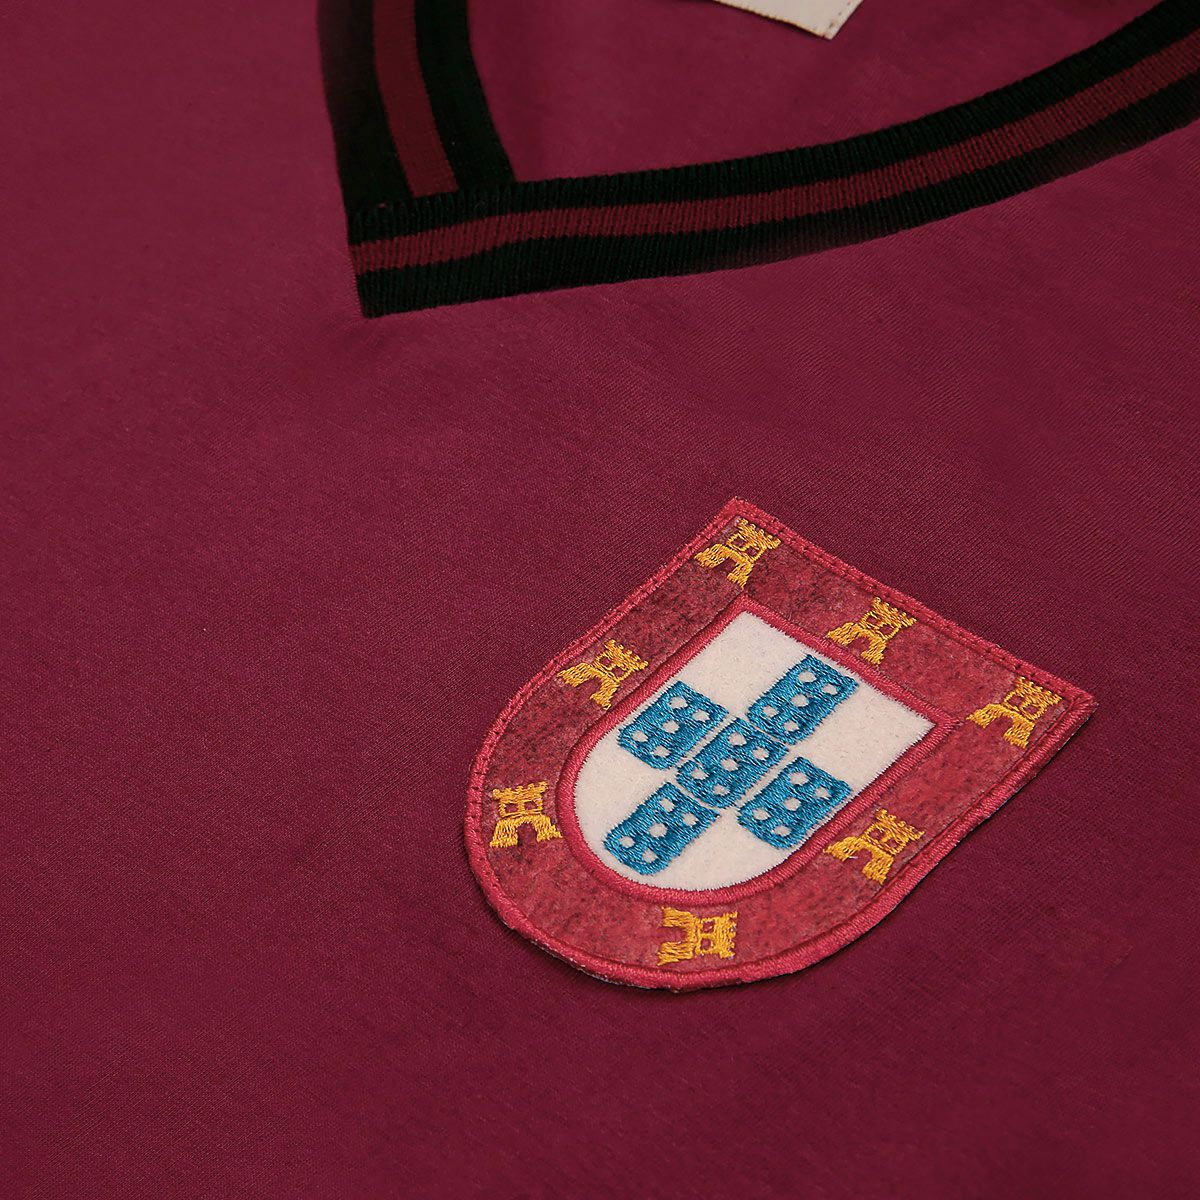 Camisa Portugal Retrô Feminina